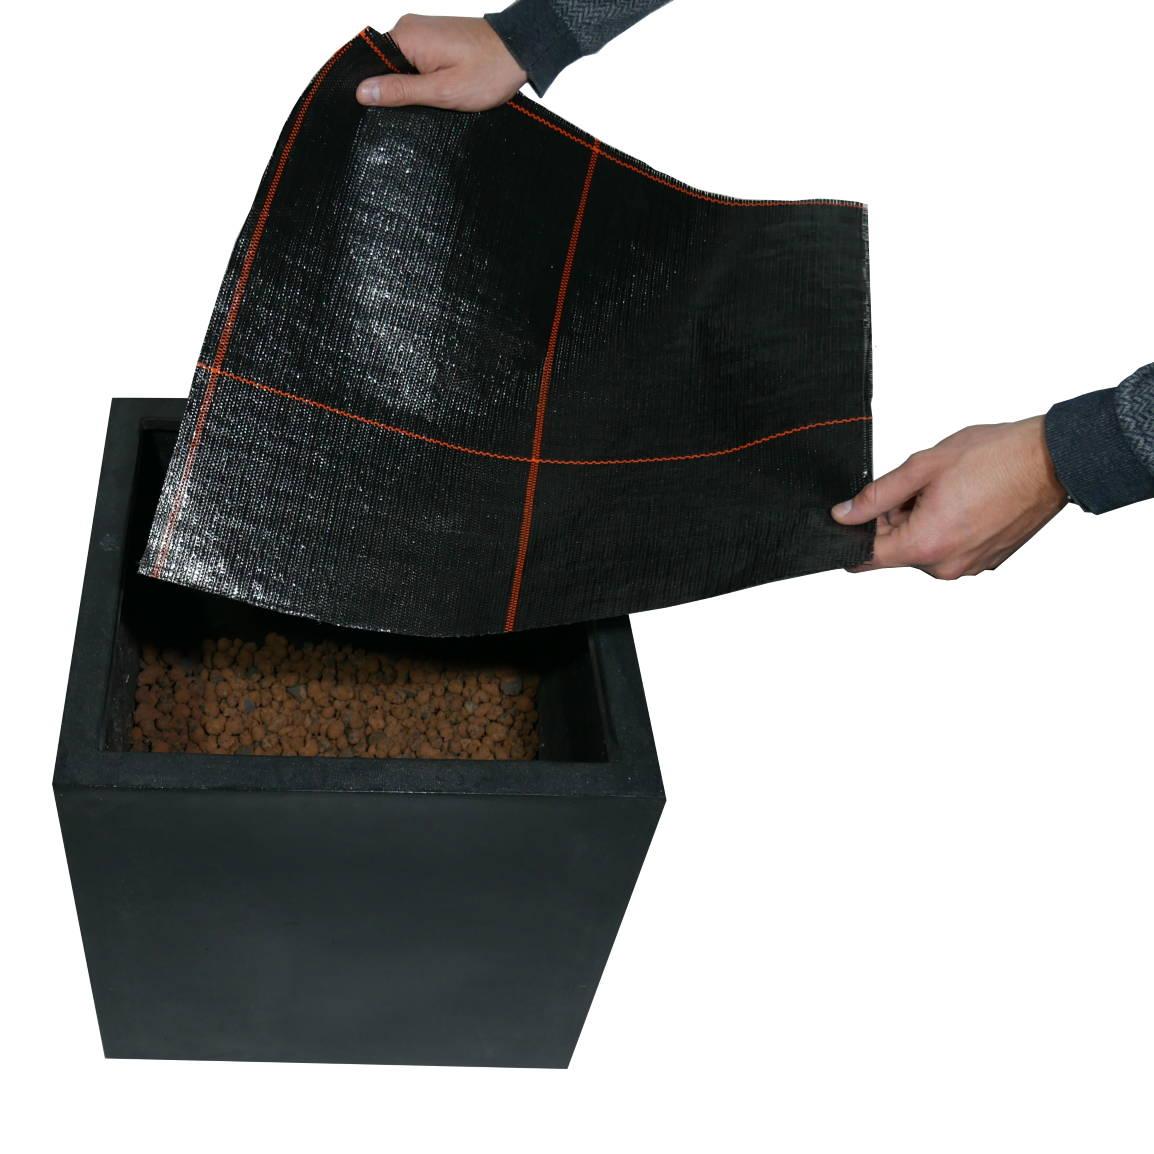 Pflanzgefäß wird mit Nadelfolie ausgelegt